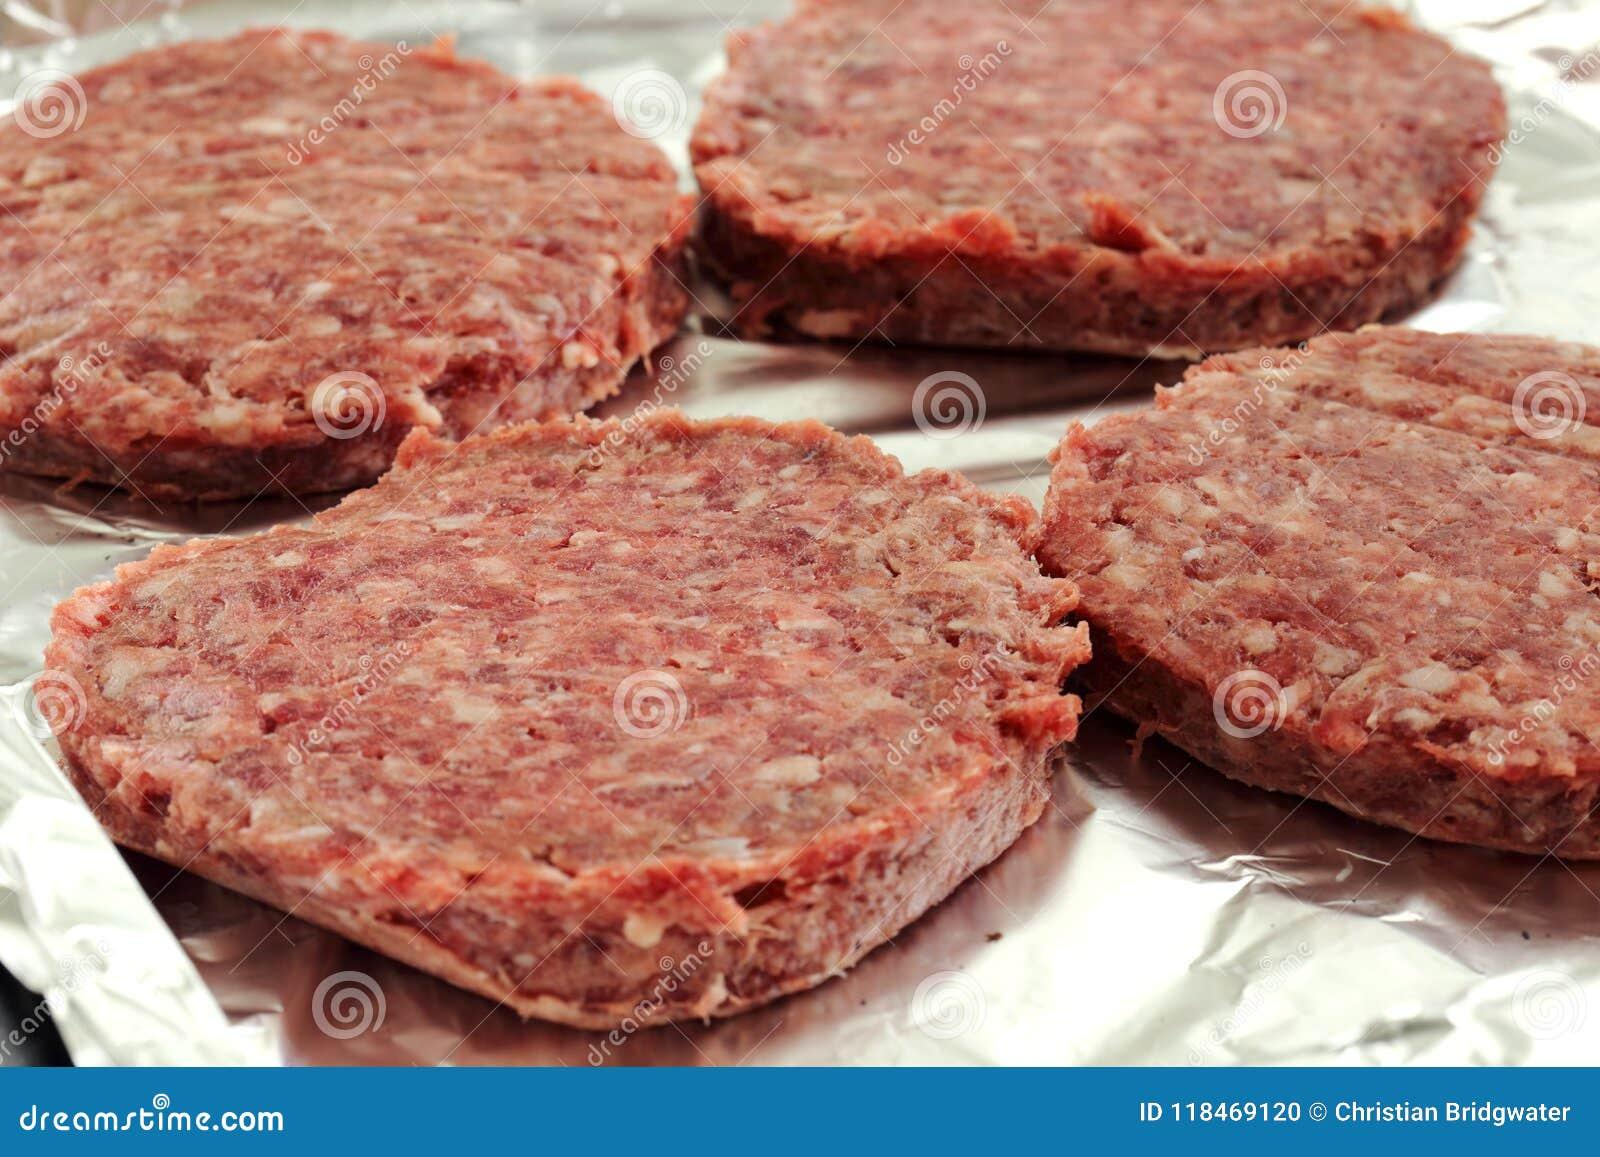 Les hamburgers crus de boeuf sur un aluminium ont couvert le plateau de cuisson